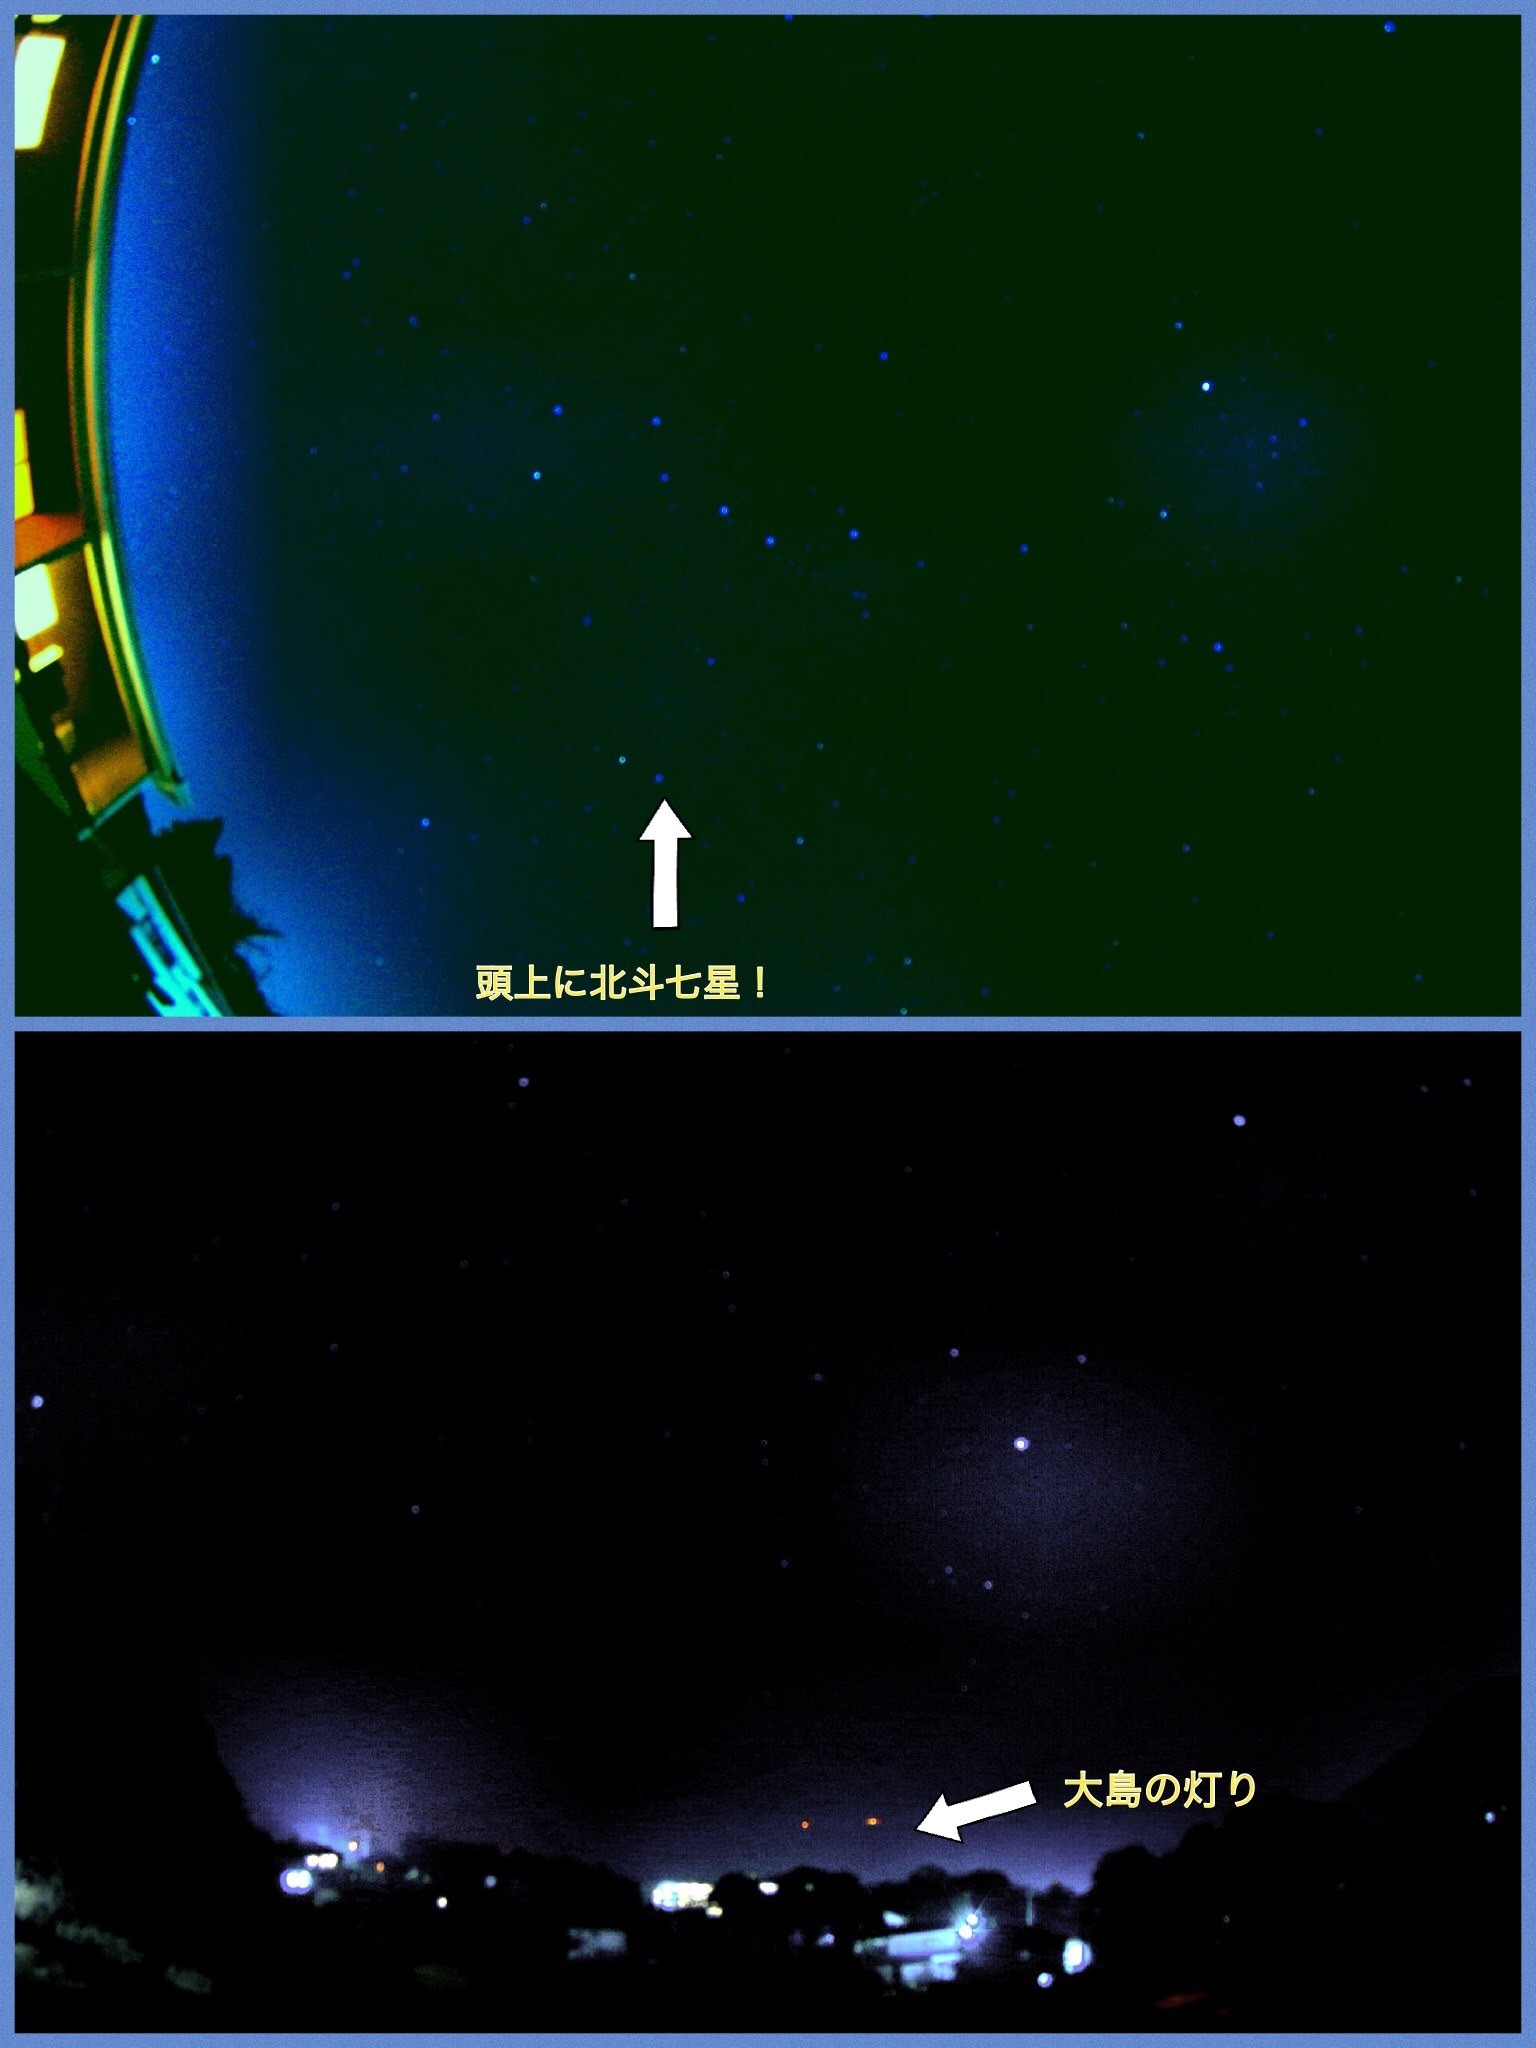 伊豆高原 記念日を祝う宿 自然家 Haco 星空 アストロトレーサー